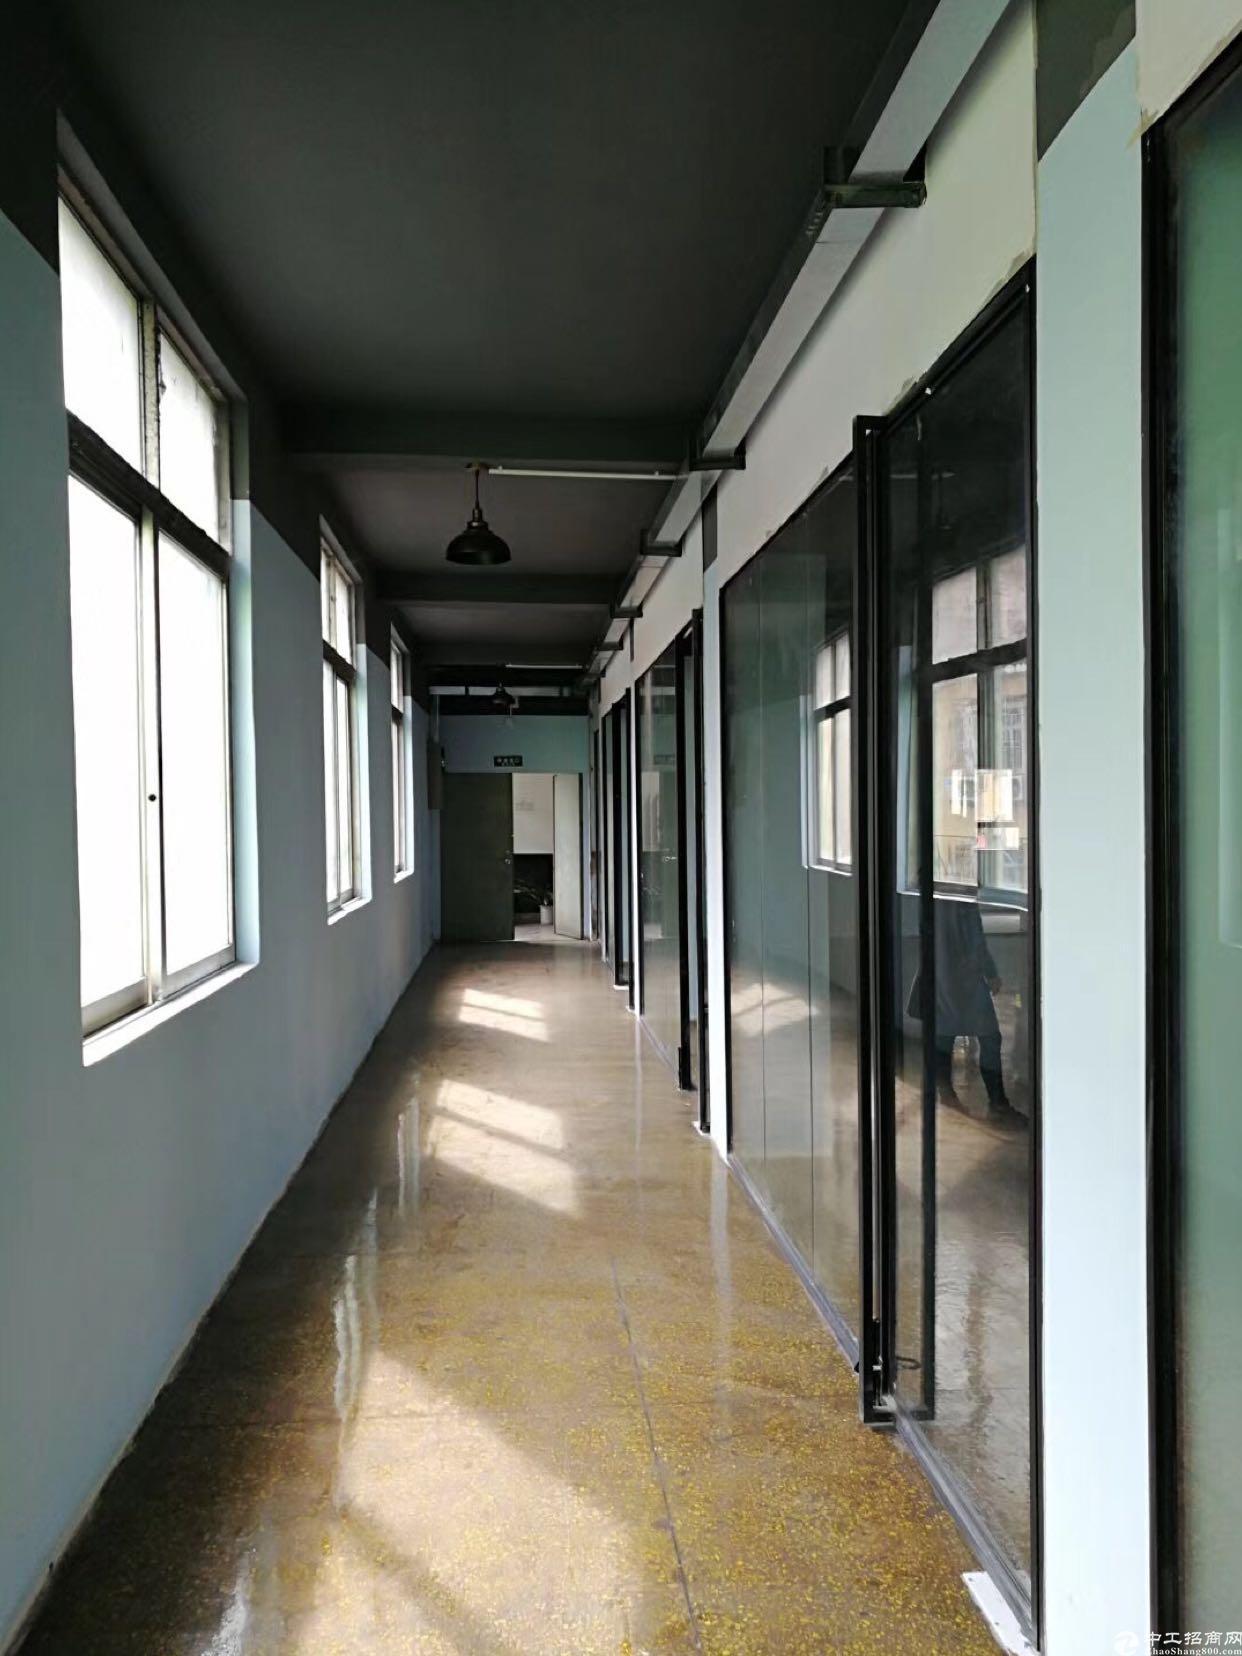 丹竹头,南岭1000平办公室出租